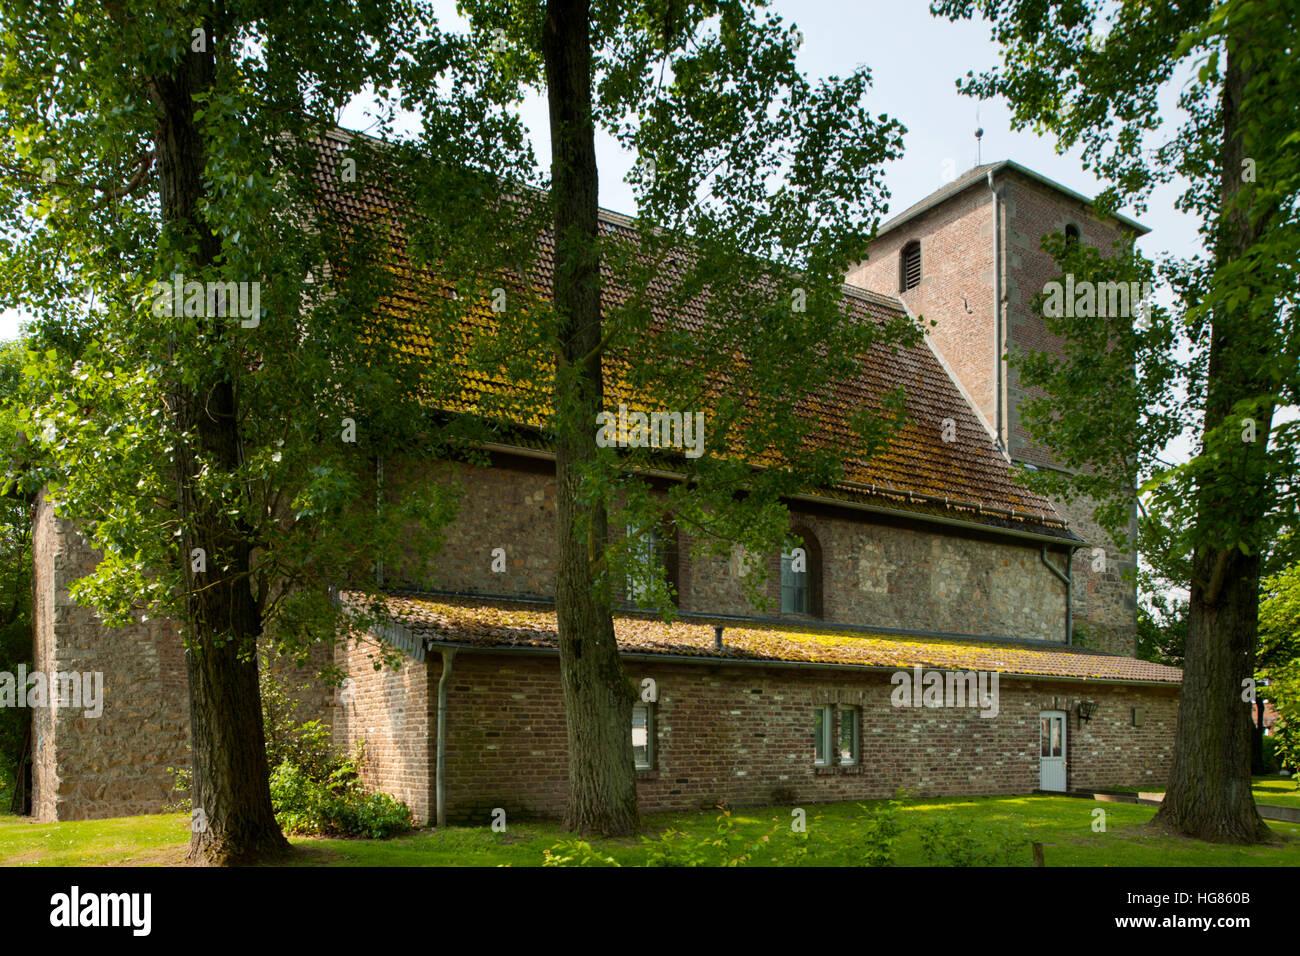 Deutschland, NRW, Städteregion Aachen, Eschweiler, Ortsteil Sankt Jöris, Reste des ehemaligen Zisterzienserinnenklosters - Stock Image